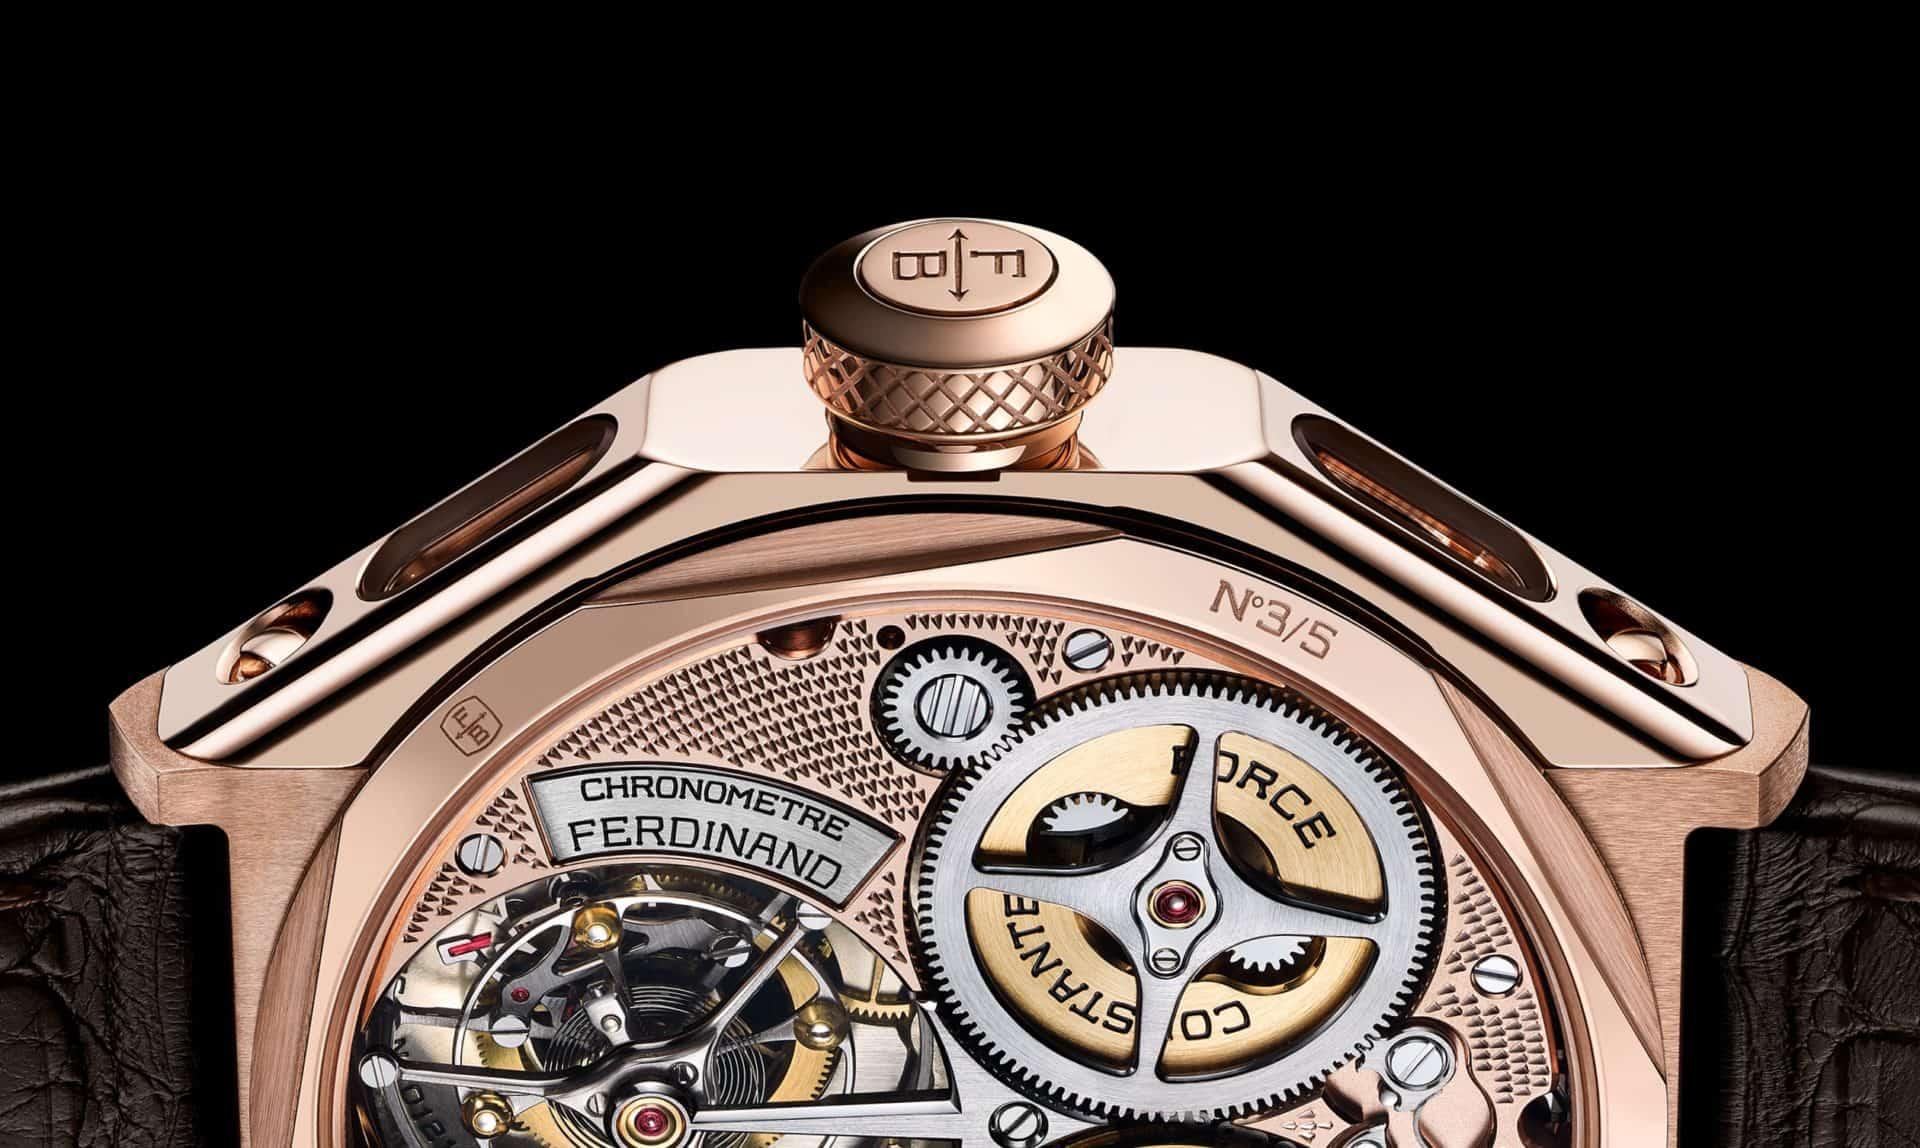 Das von Hand veredelte Uhrwerk der F Berthoud in Roségold